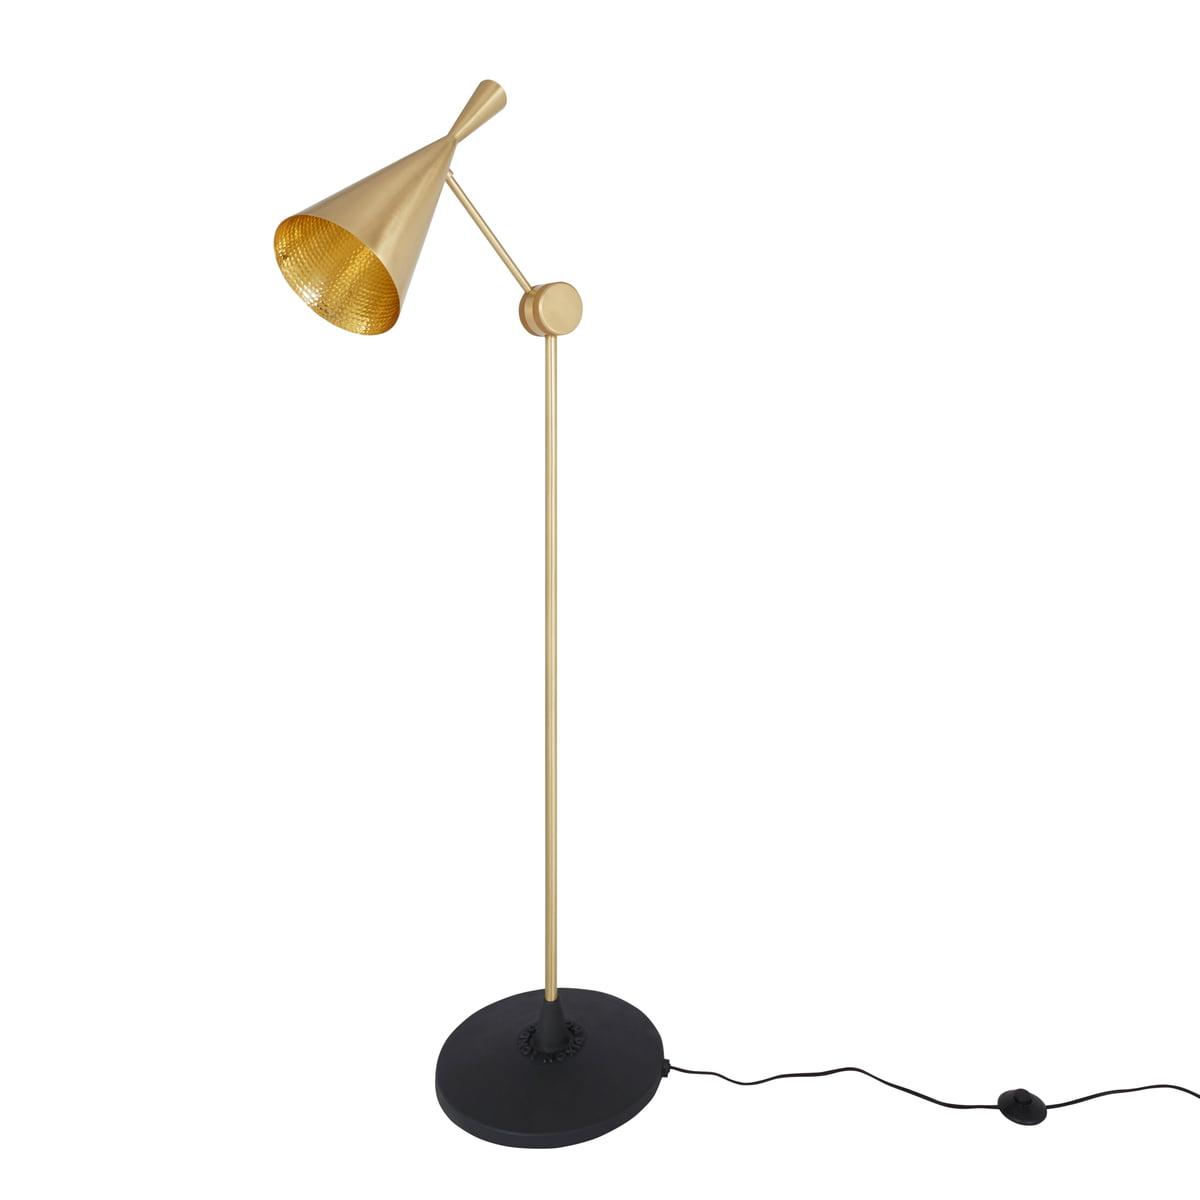 tom dixon lighting. Fine Dixon Beat Floor Lamp By Tom Dixon For Lighting